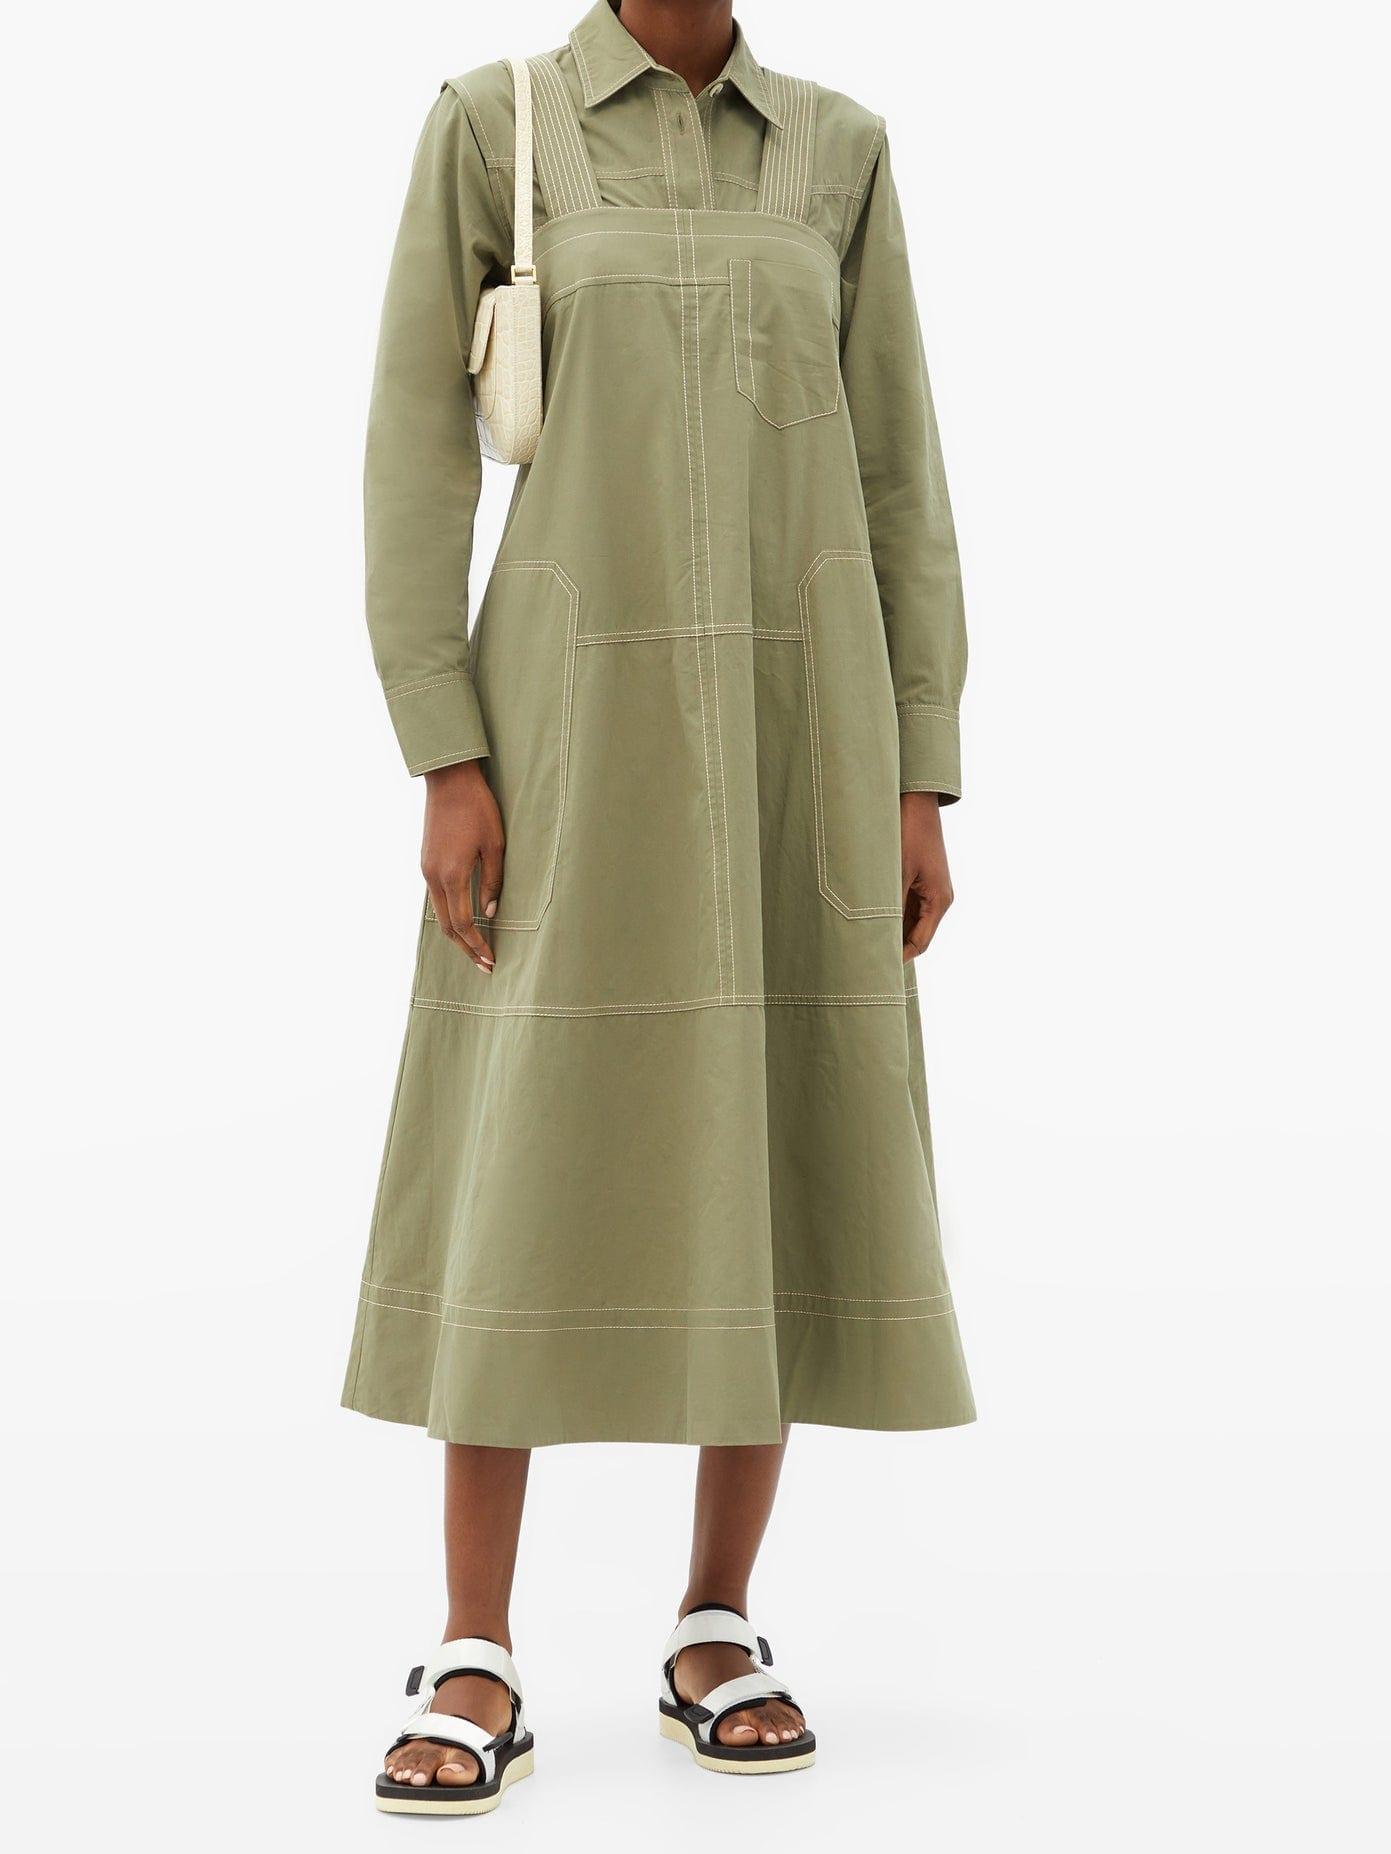 LEE MATHEWS May Topstitched Cotton Dress